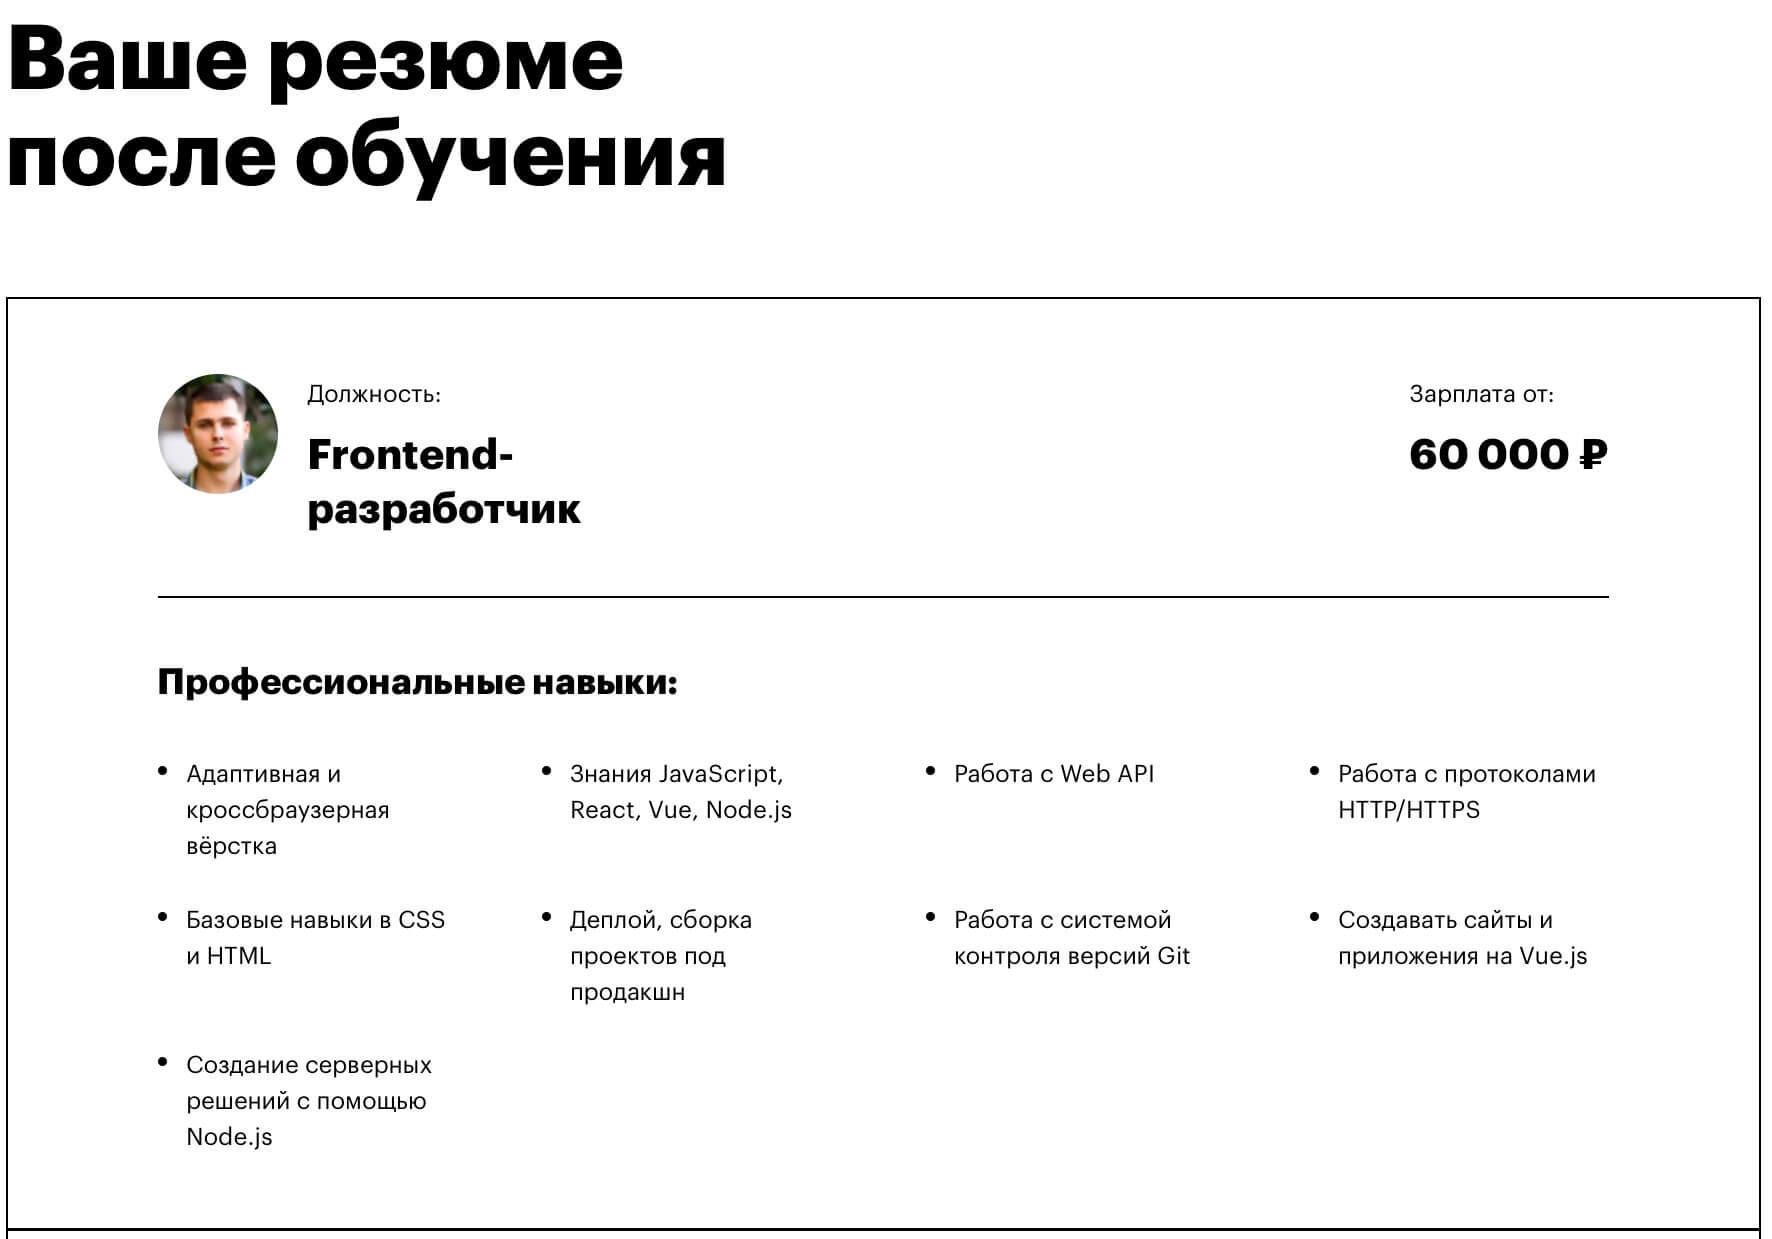 профессиональные навыки Frontend-разработчика